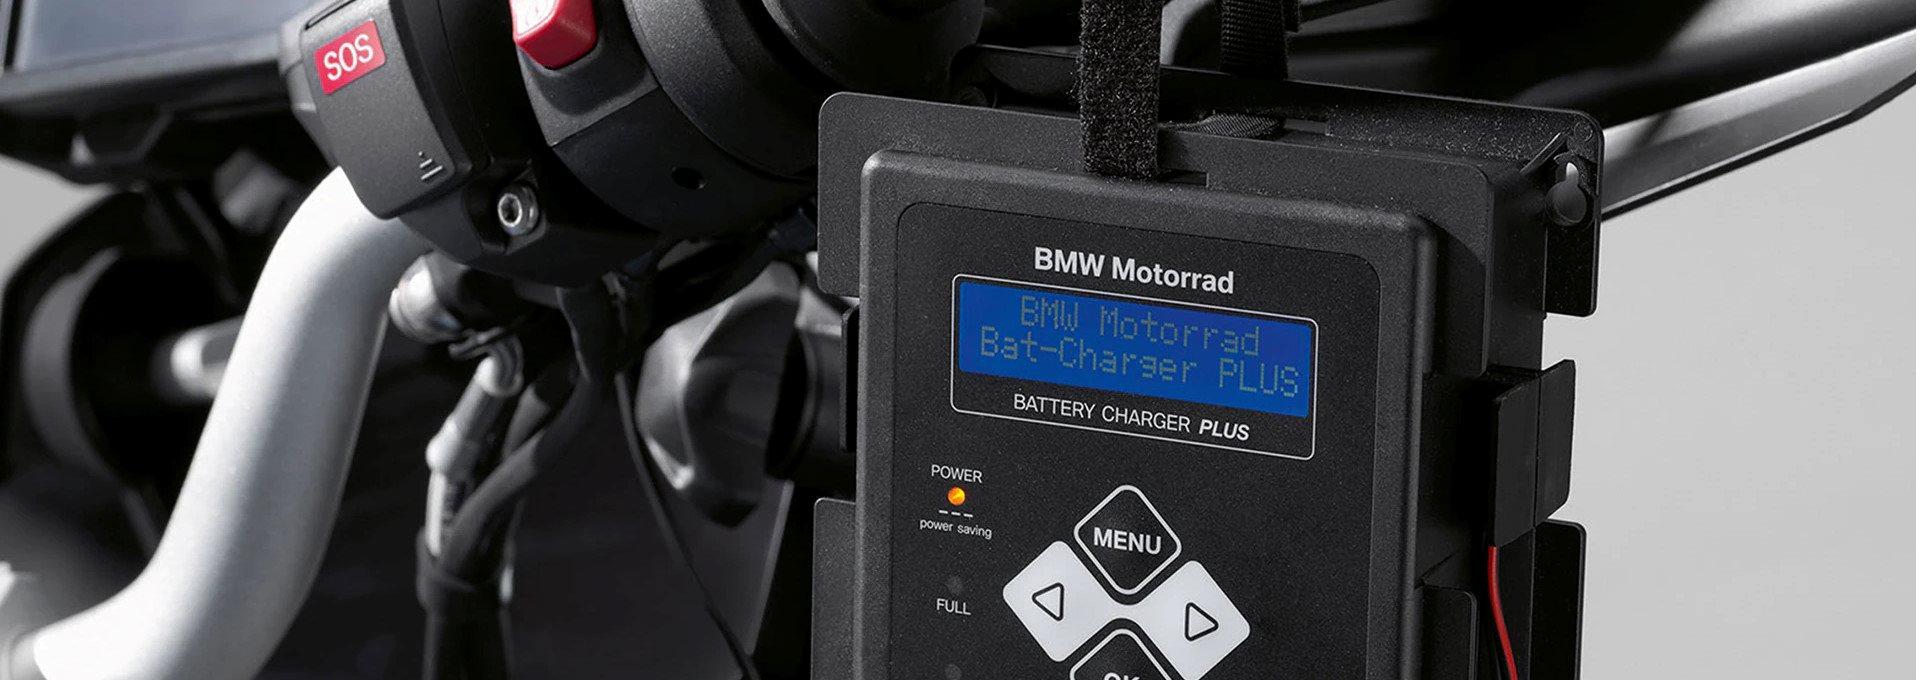 AUFGELADEN DURCH DEN WINTER 19 % AUF UNSER BMW MOTORRAD BATTERIELADEGERÄT PLUS SICHERN